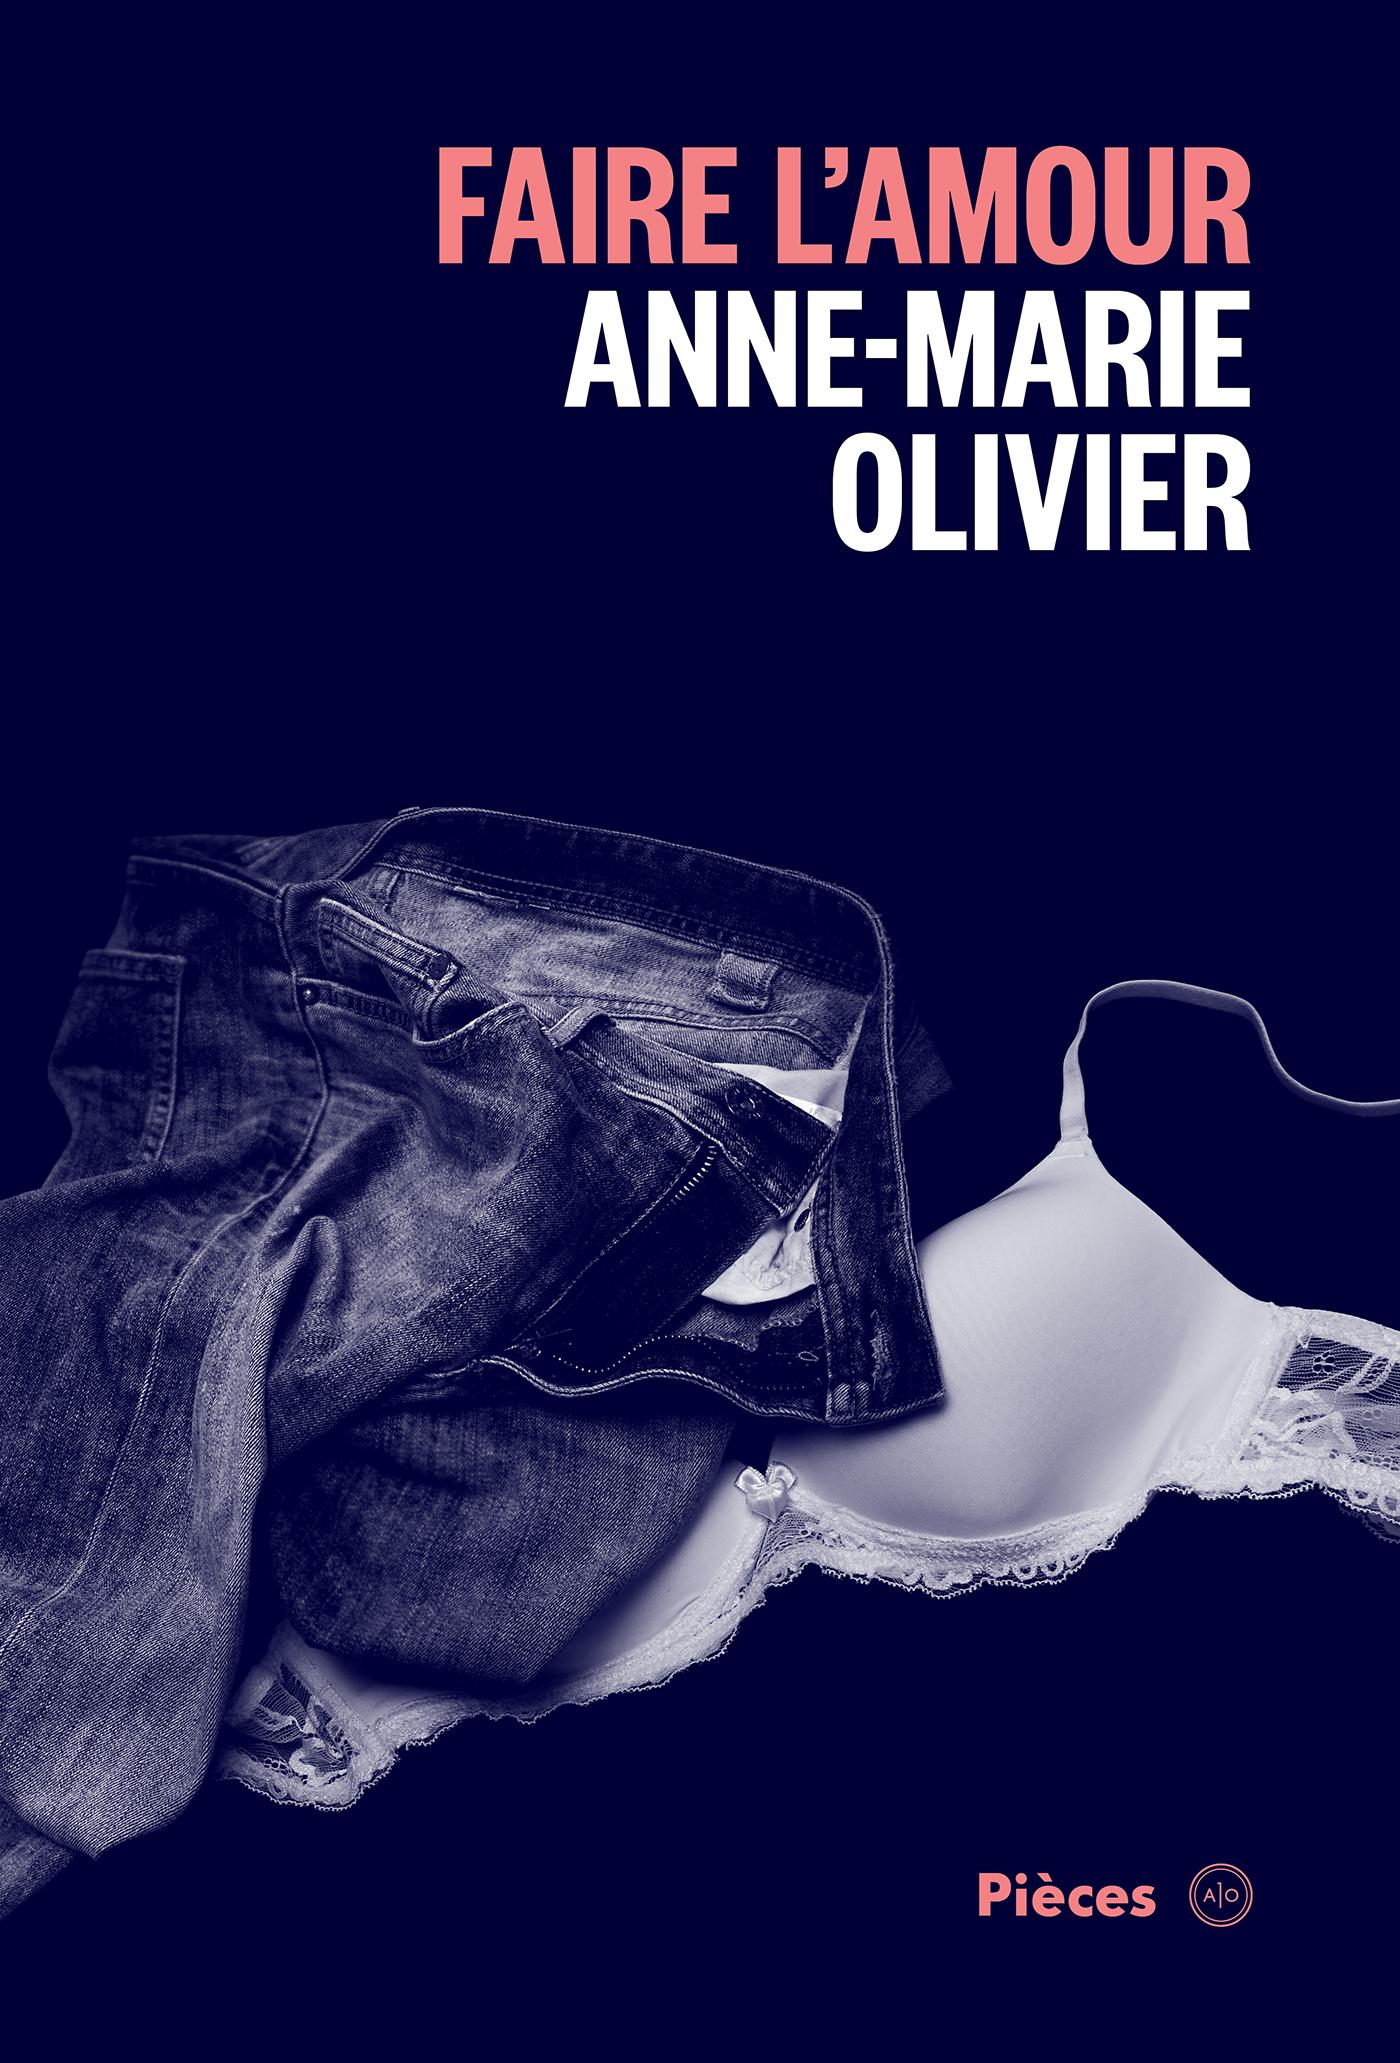 Couverture : Pièces T.1: Faire l'amour Anne-marie Olivier